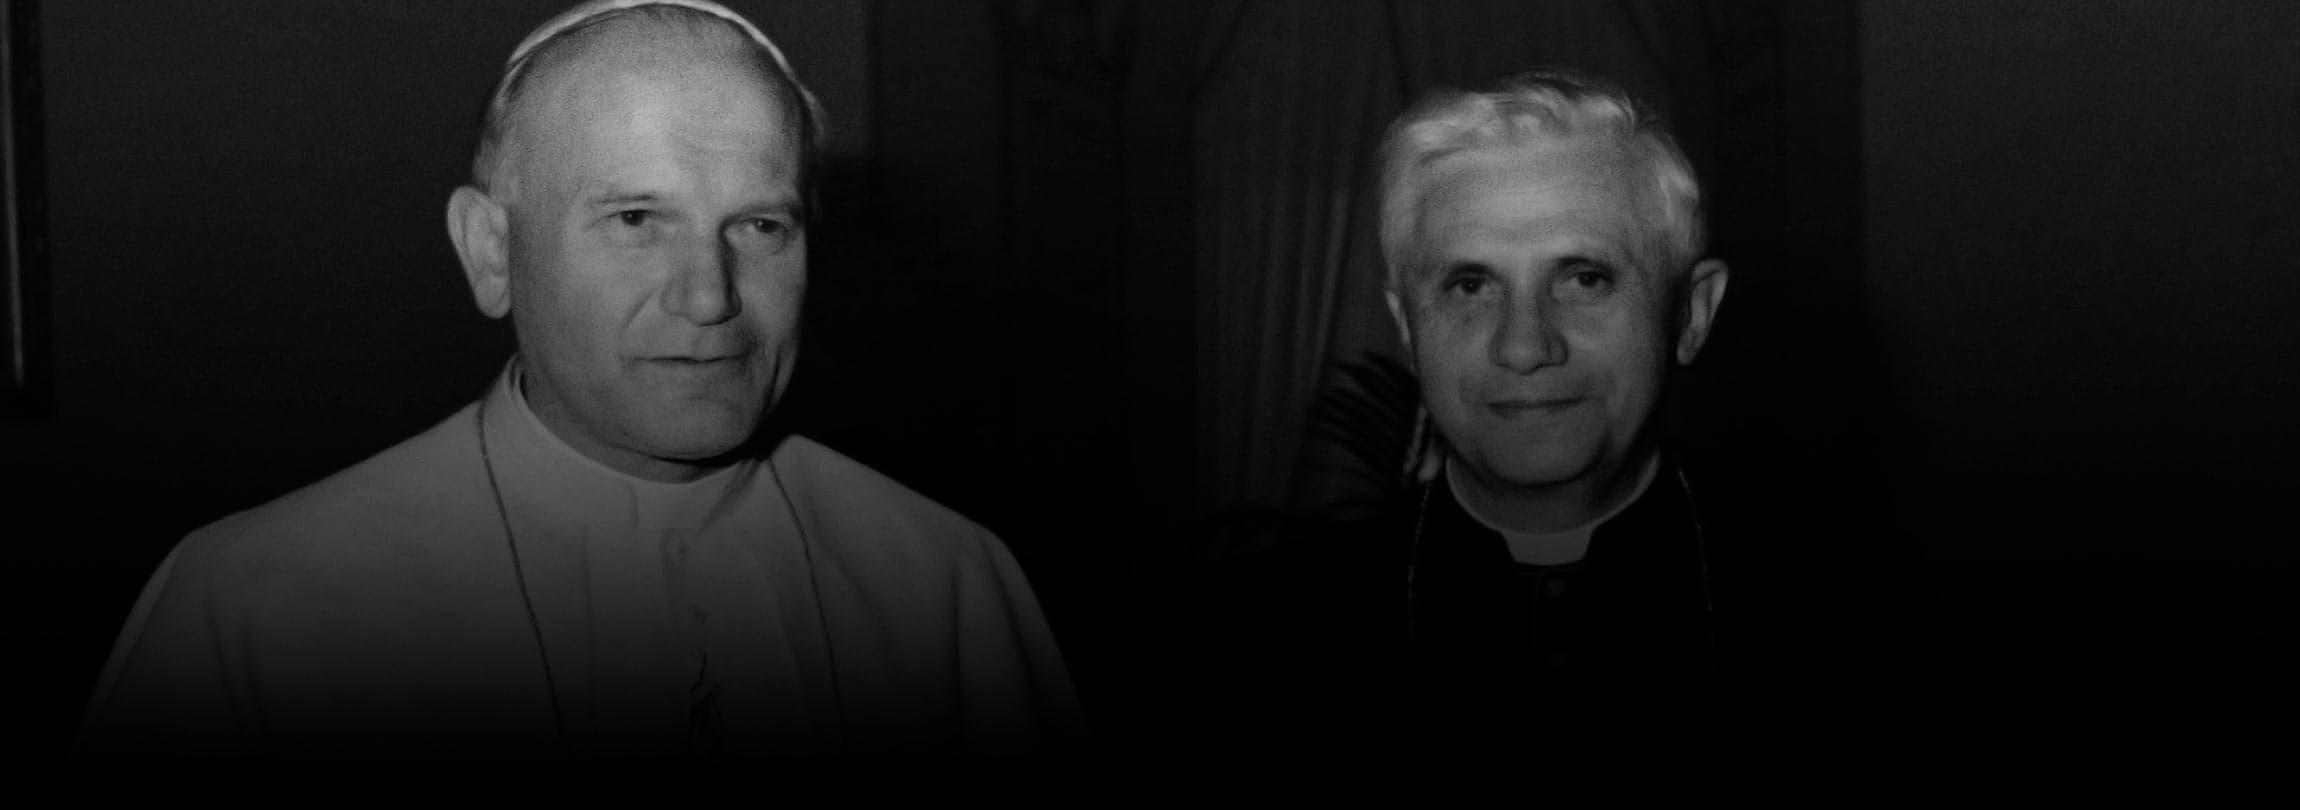 Quando Ratzinger se uniu aos protestantes para defender a fé